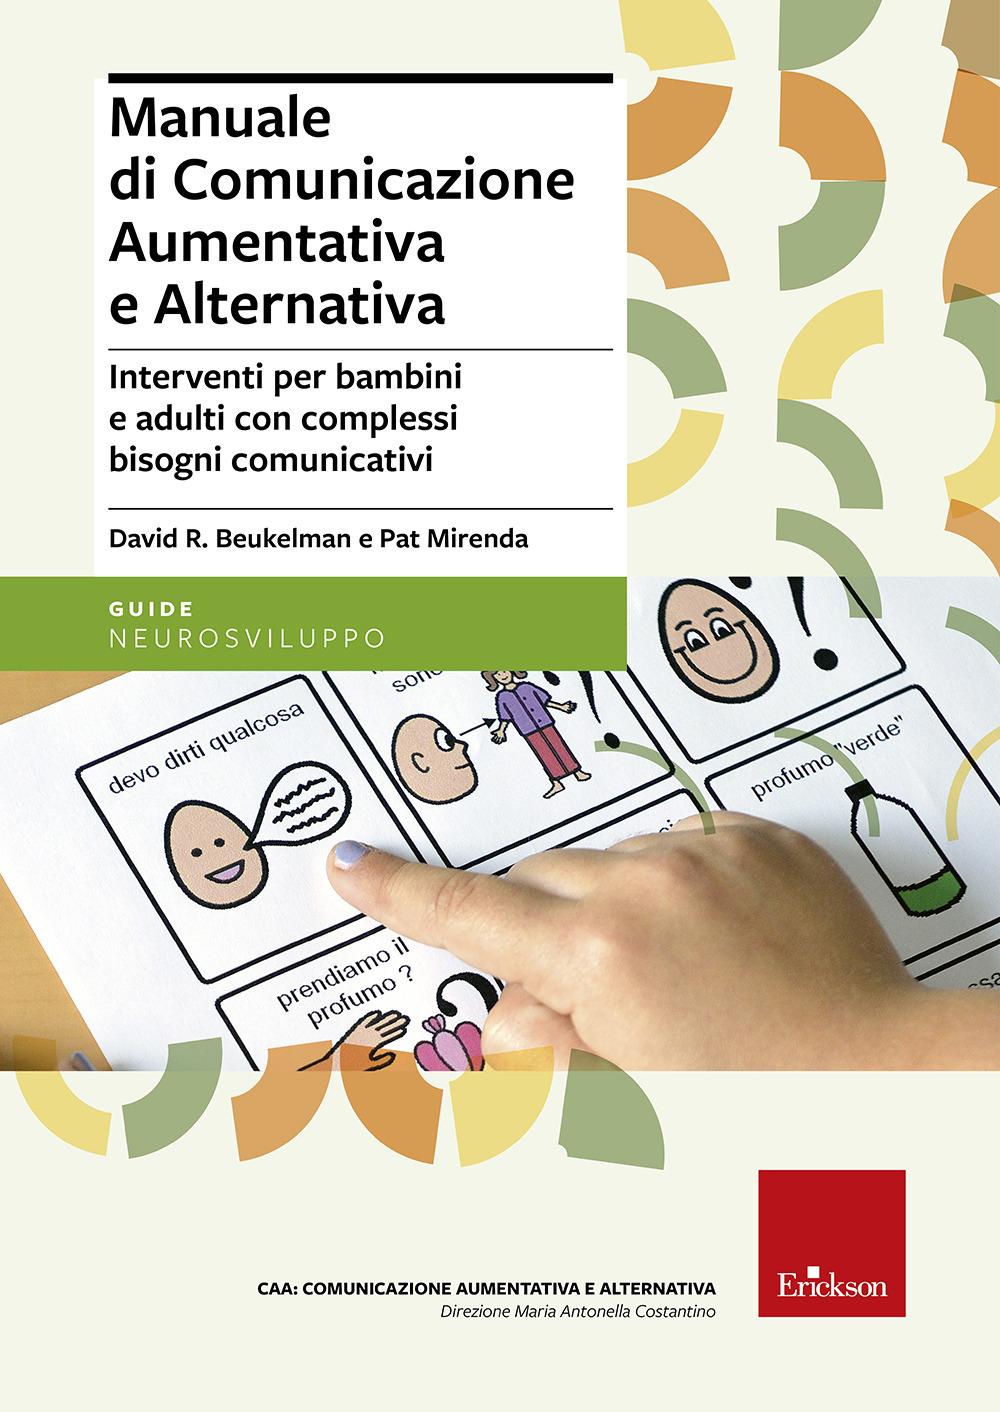 Manuale di comunicazione aumentativa e alternativa. Interventi per bambini e adulti con complessi bisogni comunicativi